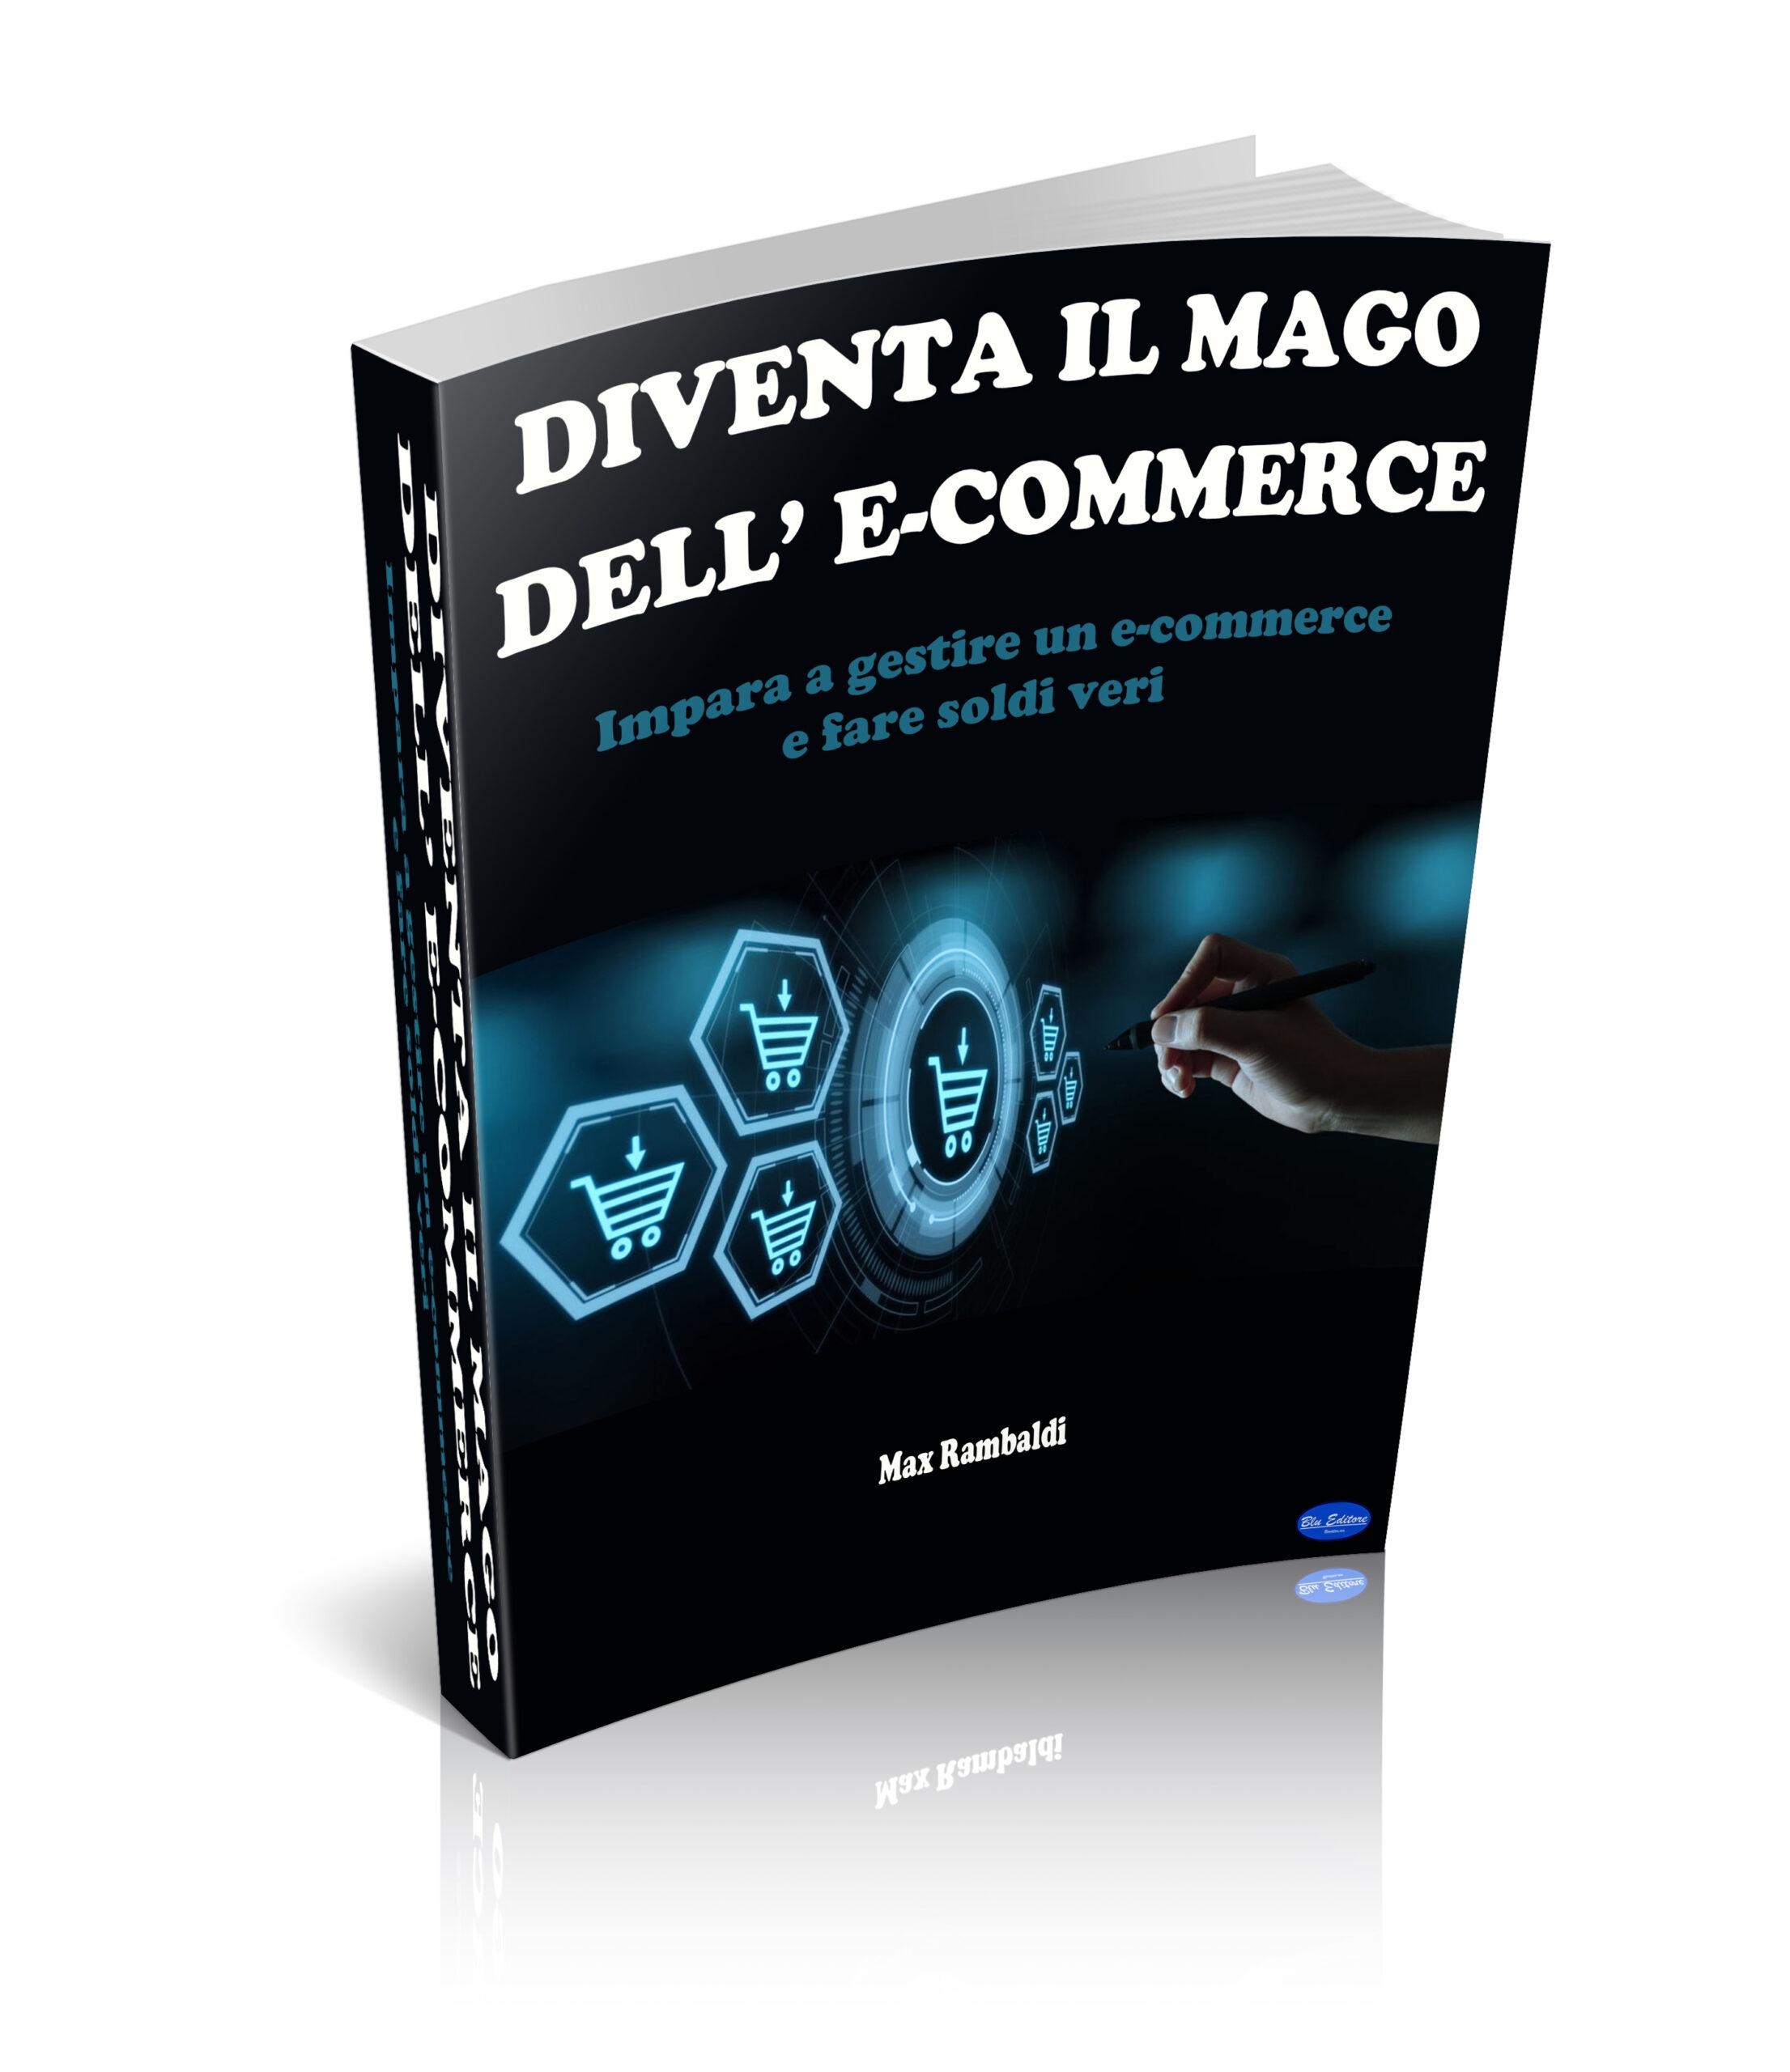 Diventa il Mago dell' E-Commerce